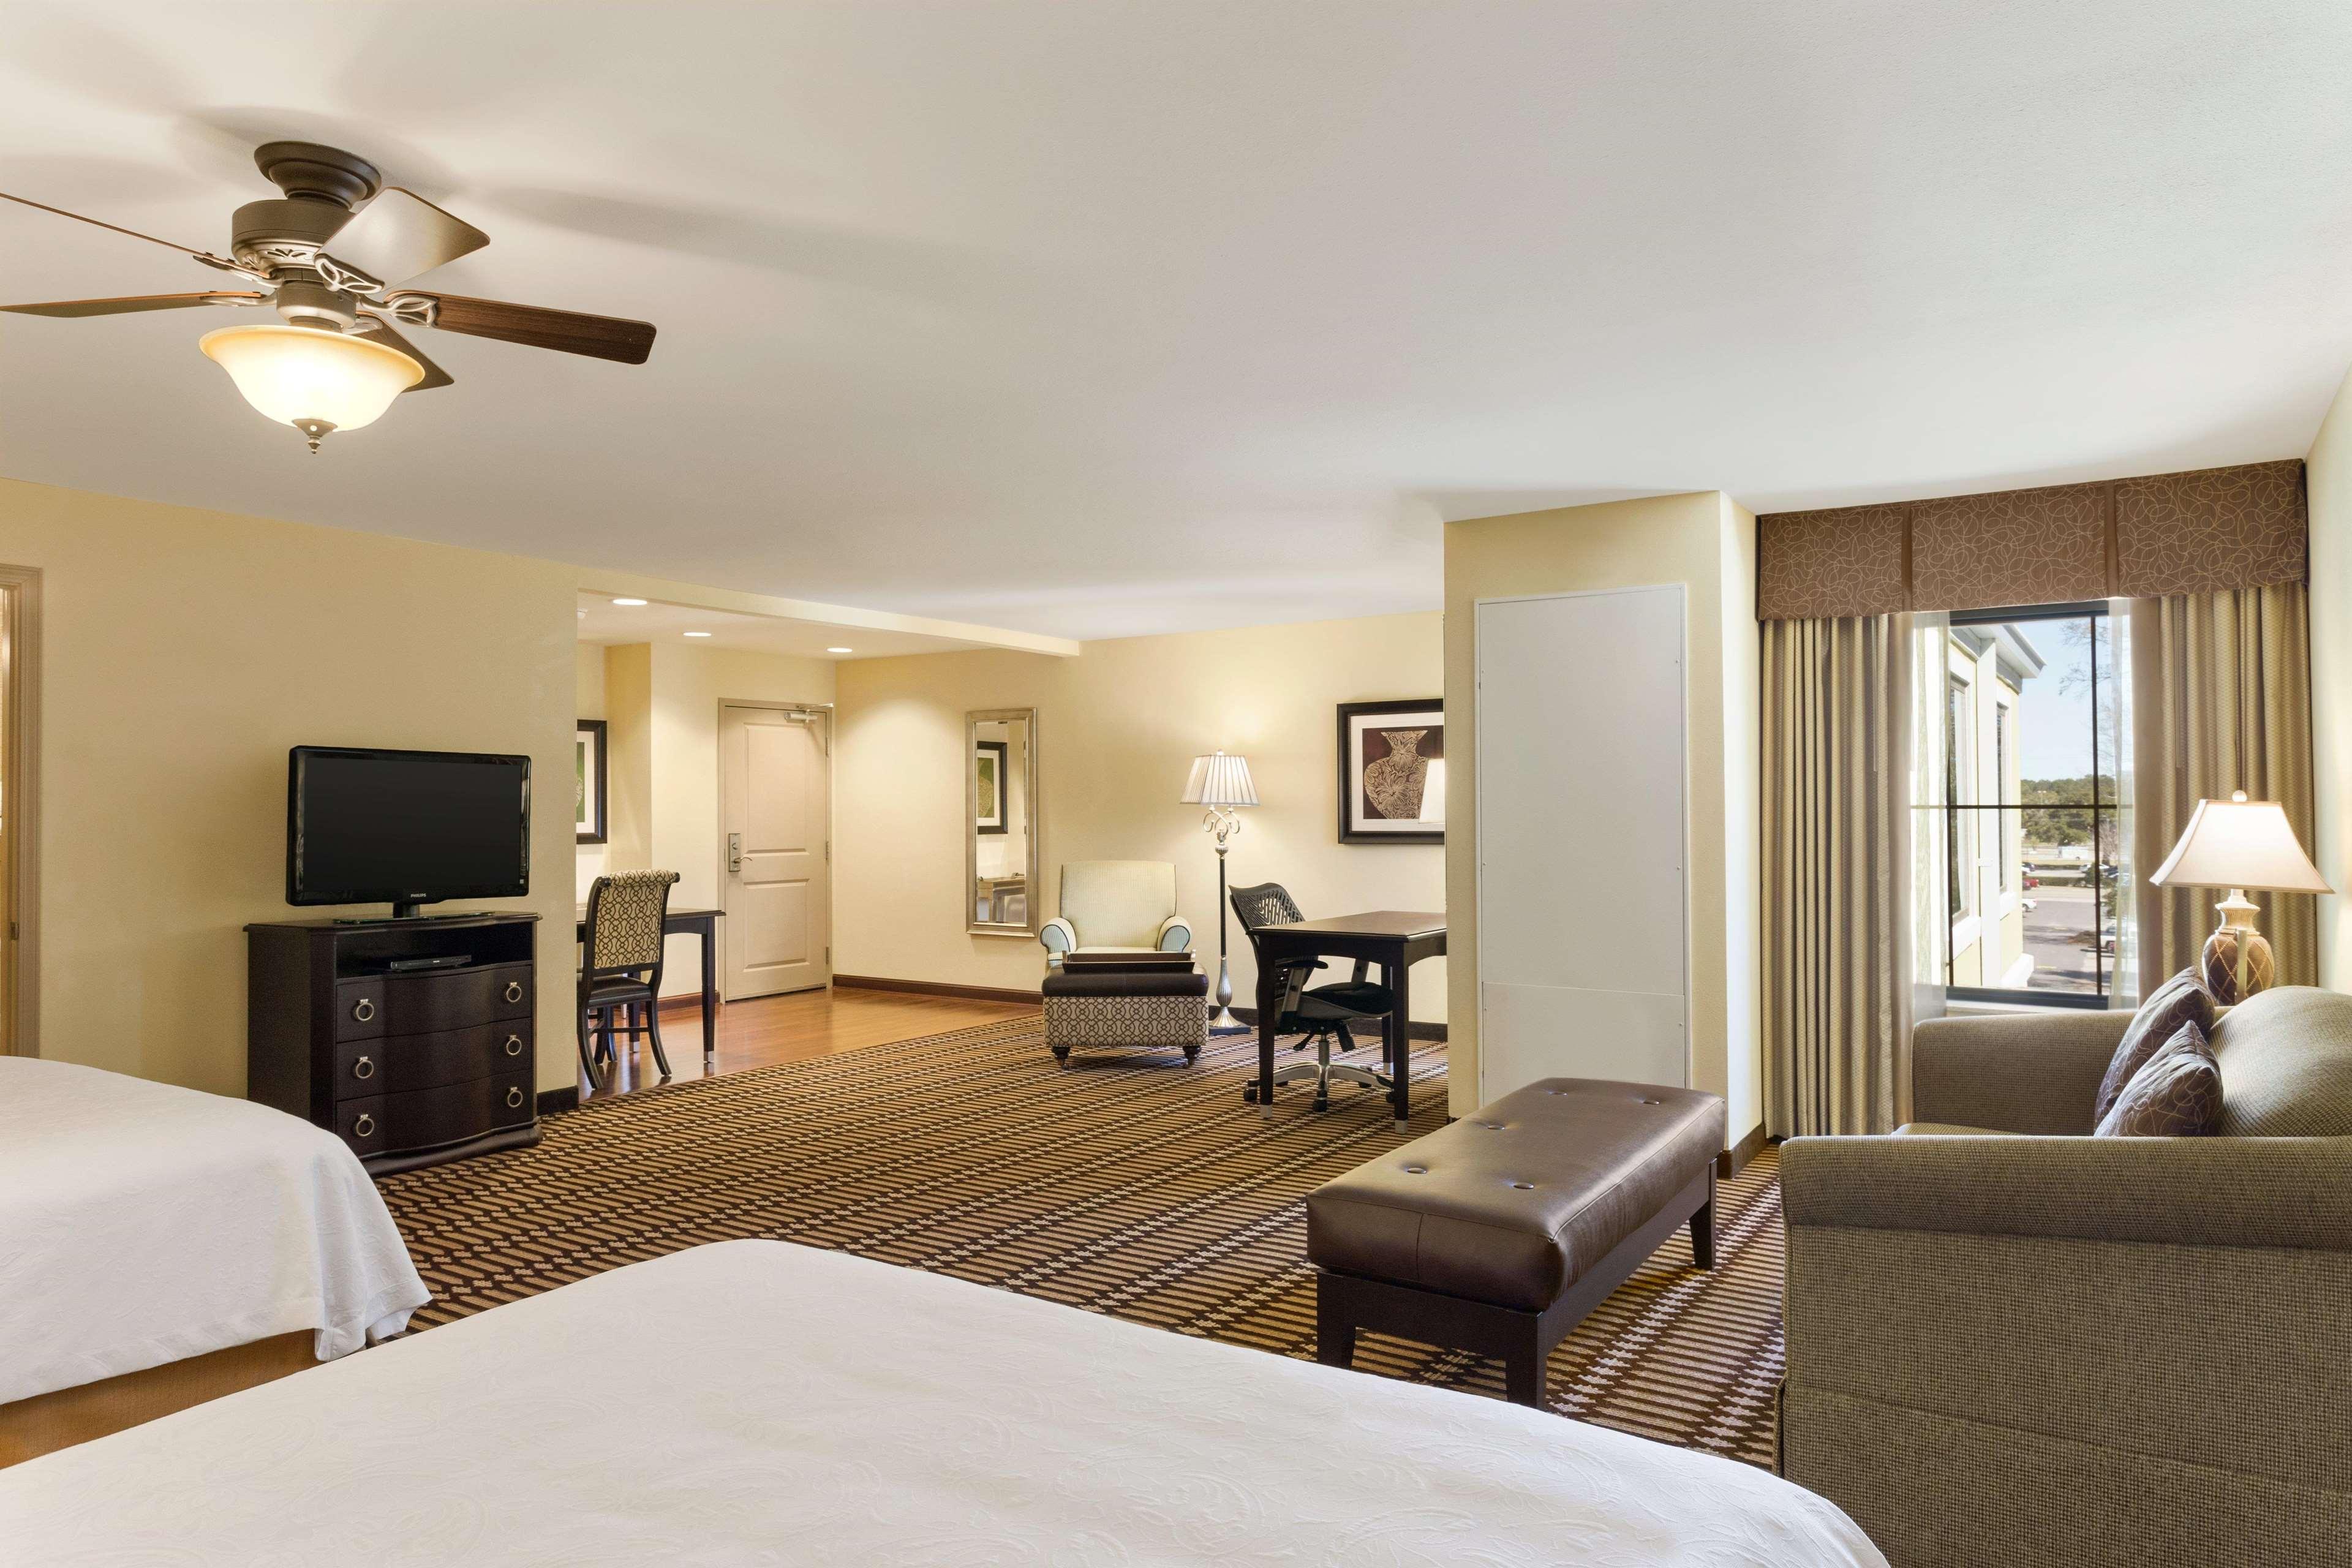 Homewood Suites by Hilton Lafayette-Airport, LA image 26